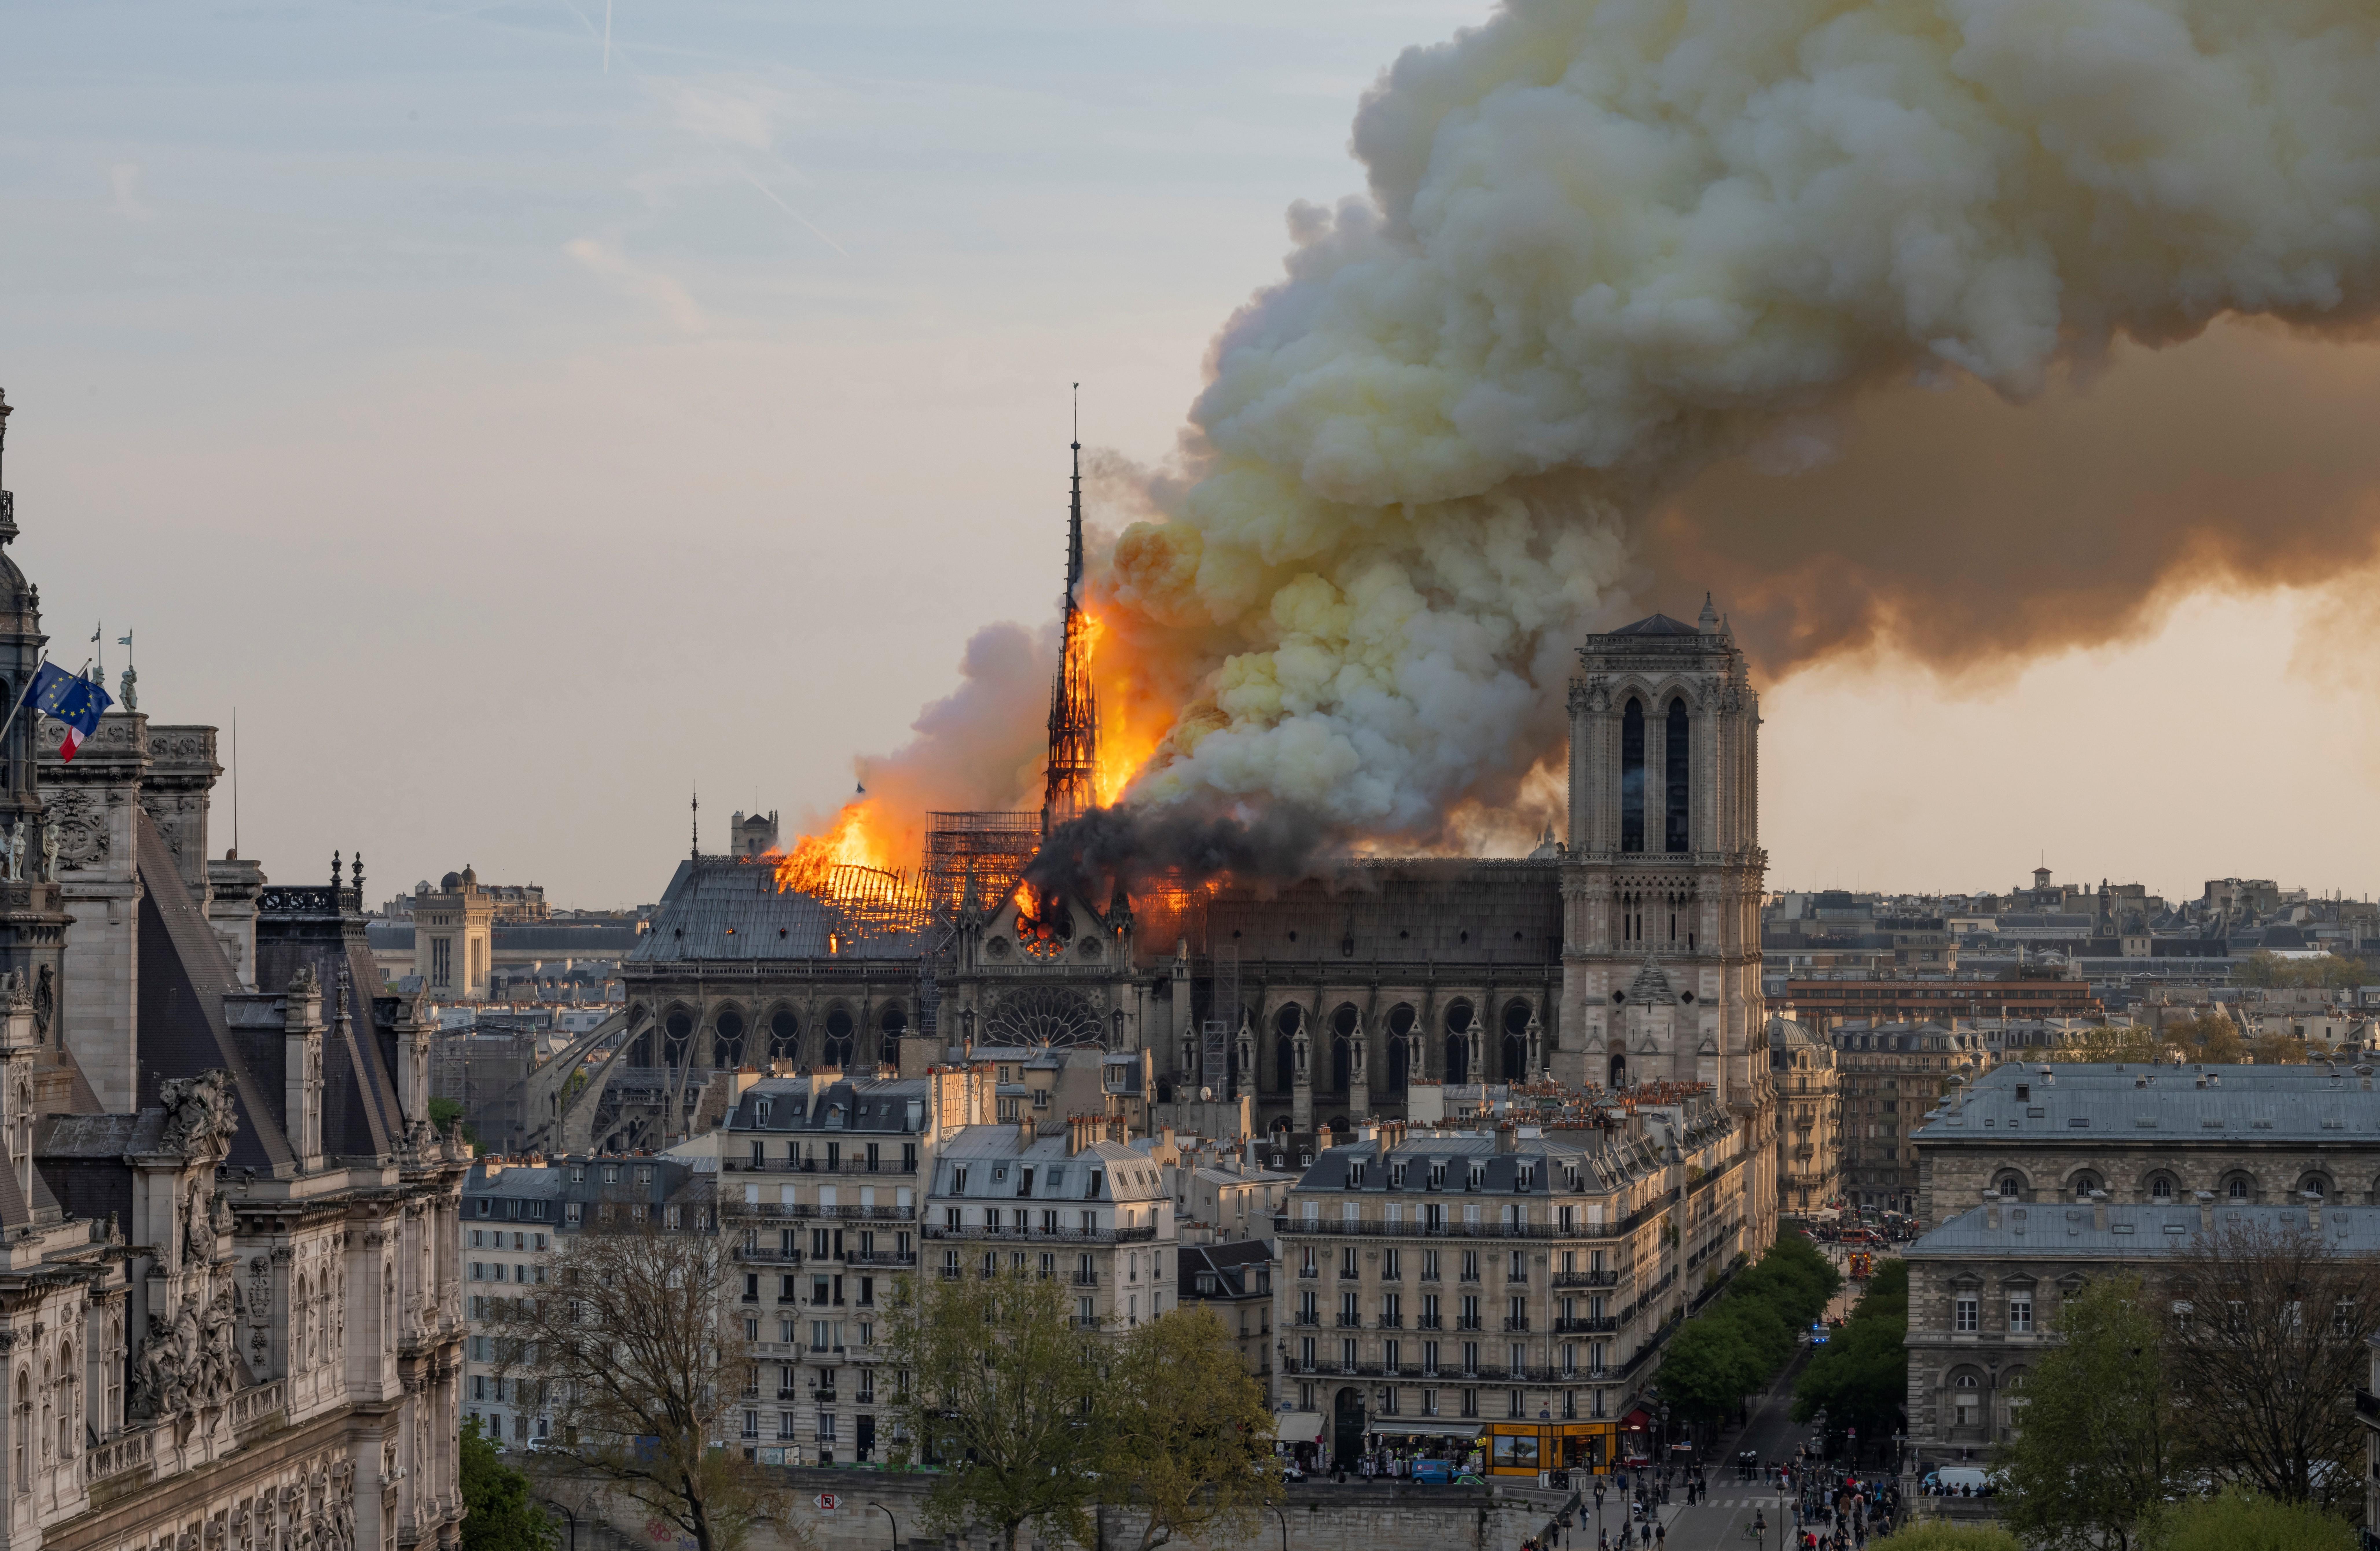 مشهد يظهر قوة النيران ومحاولة فرق الإطفاء السيطرة على الحريق